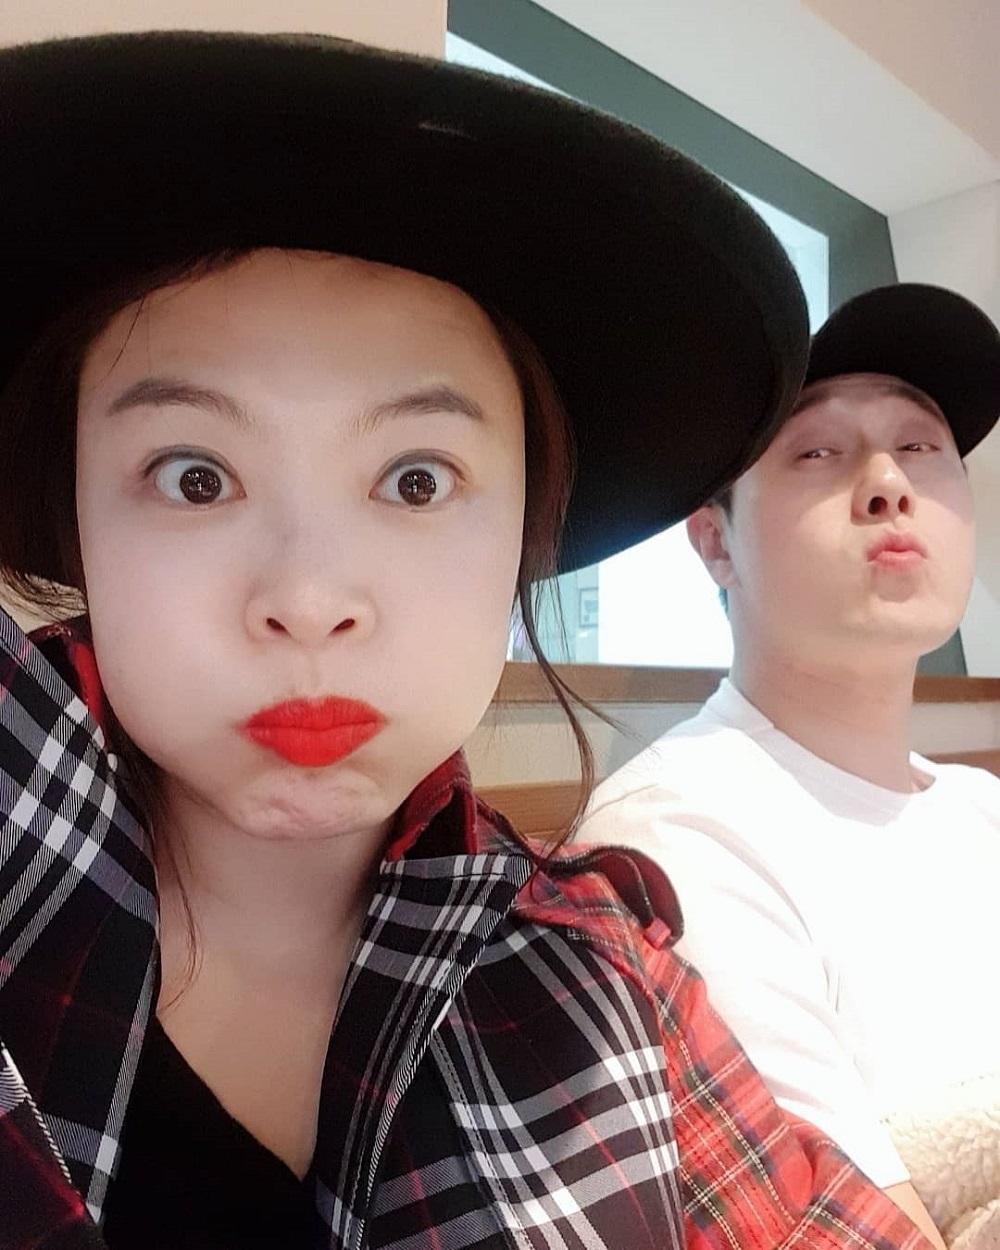 심진화♥김원효, 잉꼬부부의 세상 달달한 셀카…'그저 부러움'